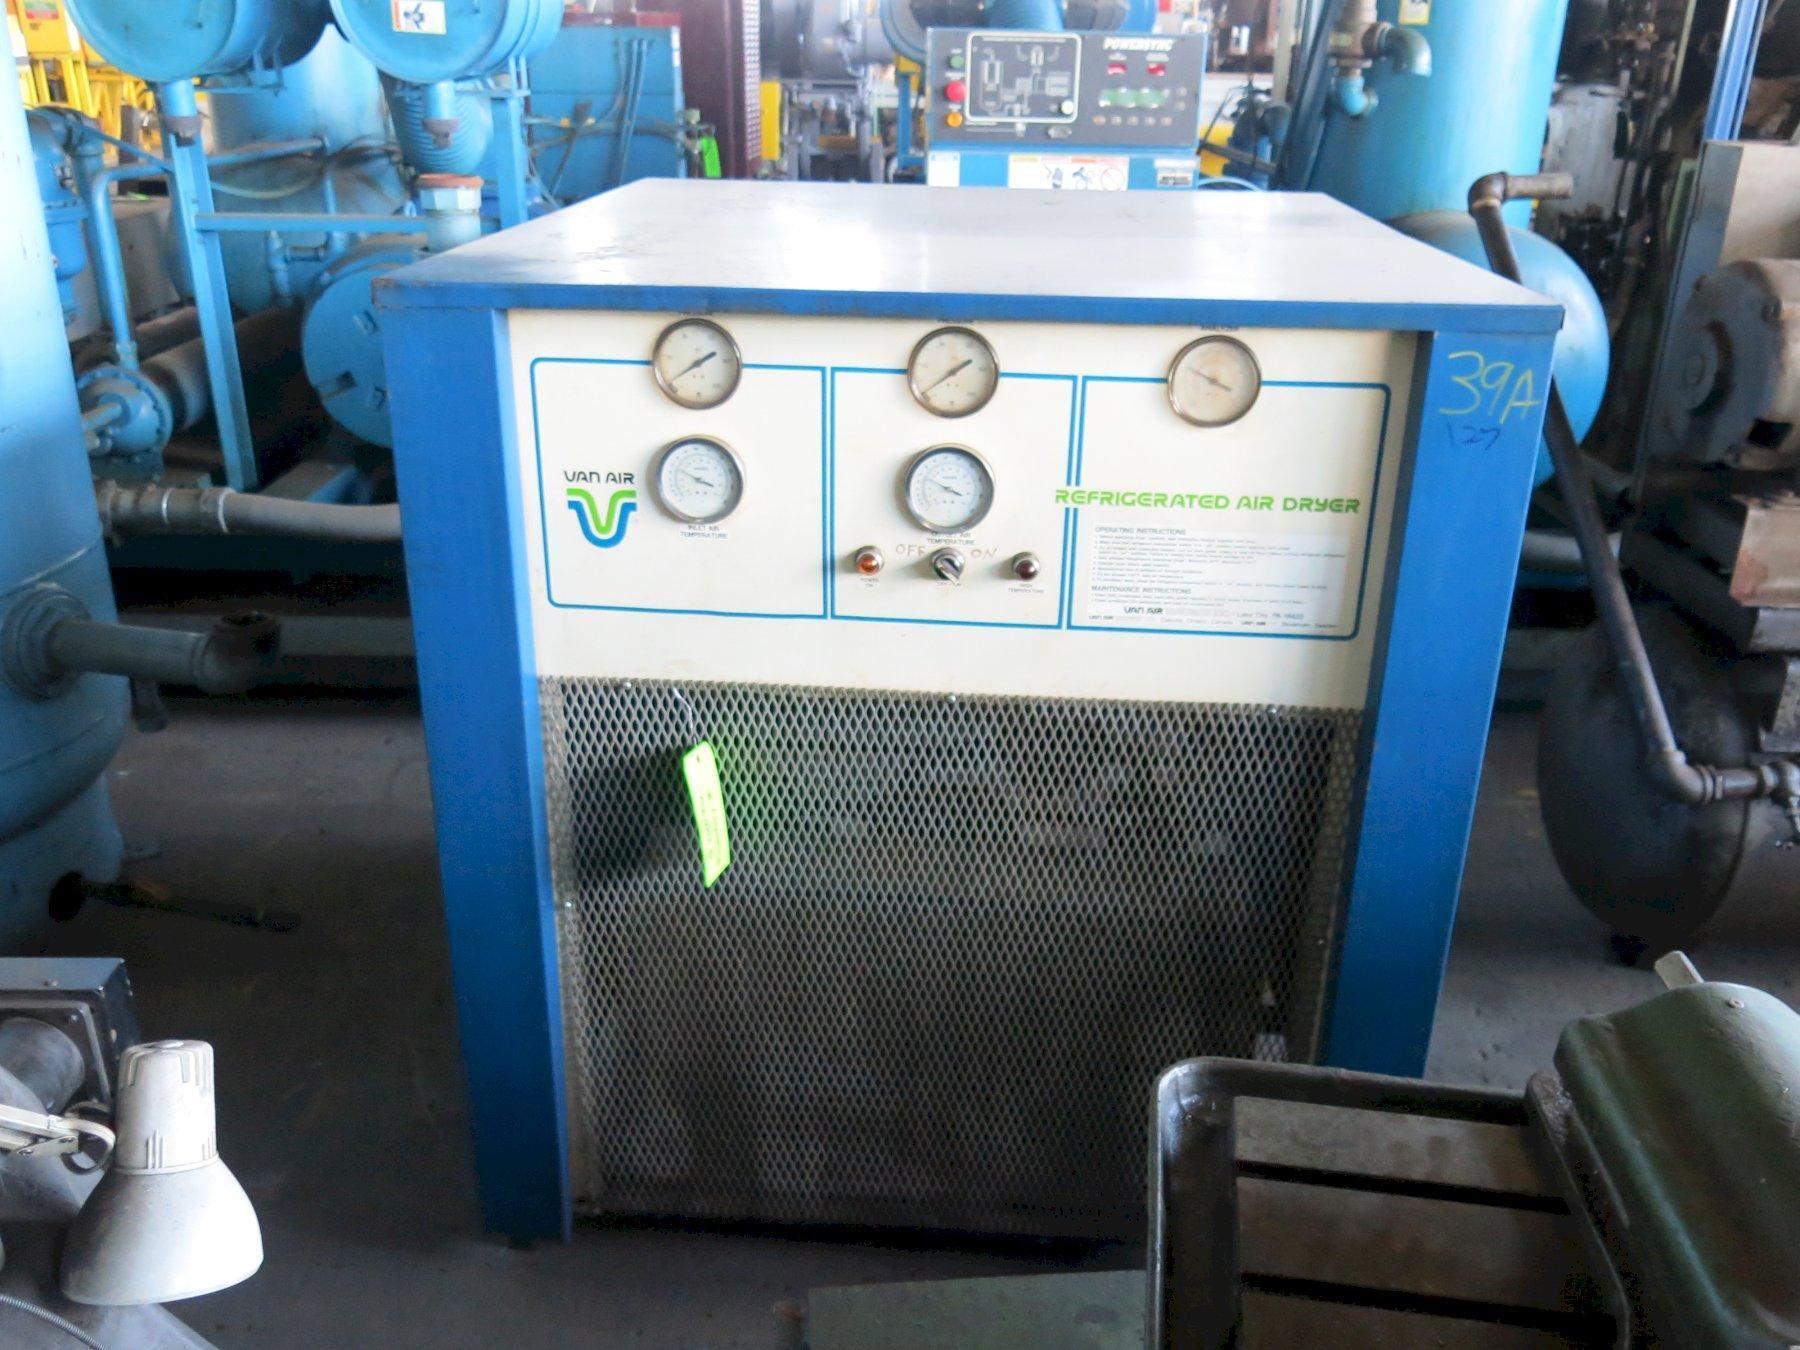 Van - Air Dryer Refrigerated